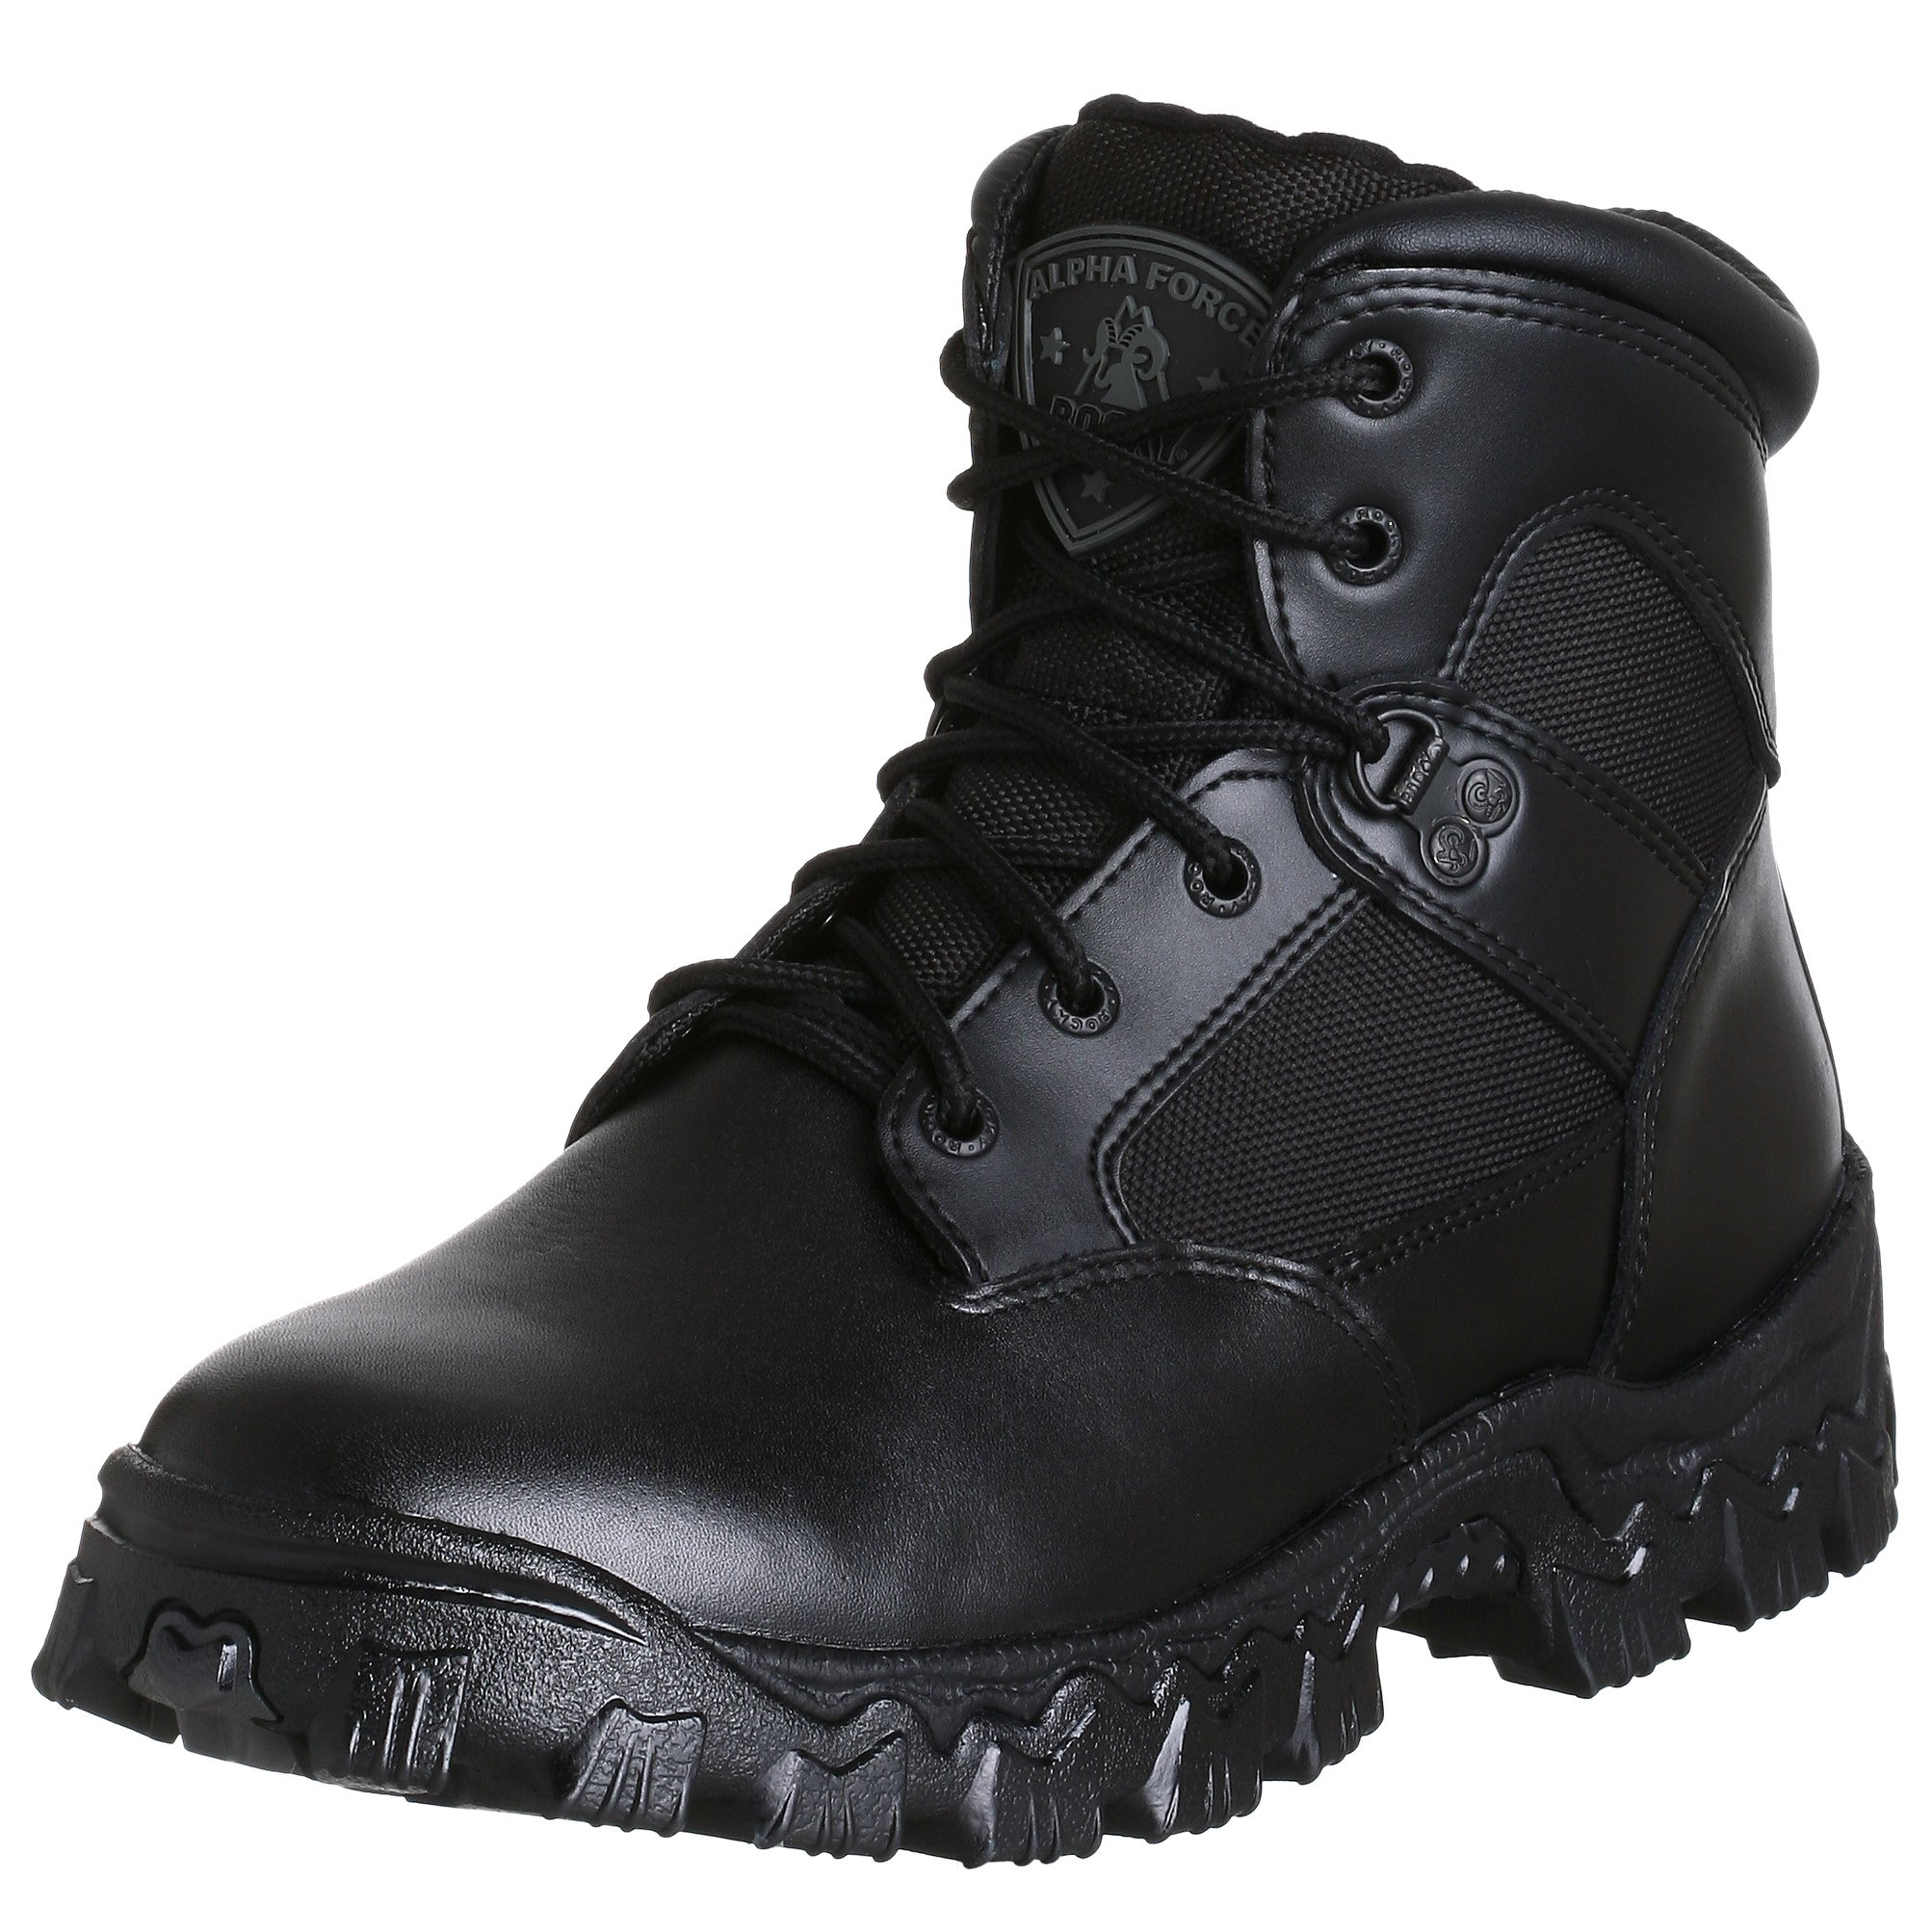 Rocky Duty Men's Alpha Force 6'' Swat Boot,Black,12 W by Rocky